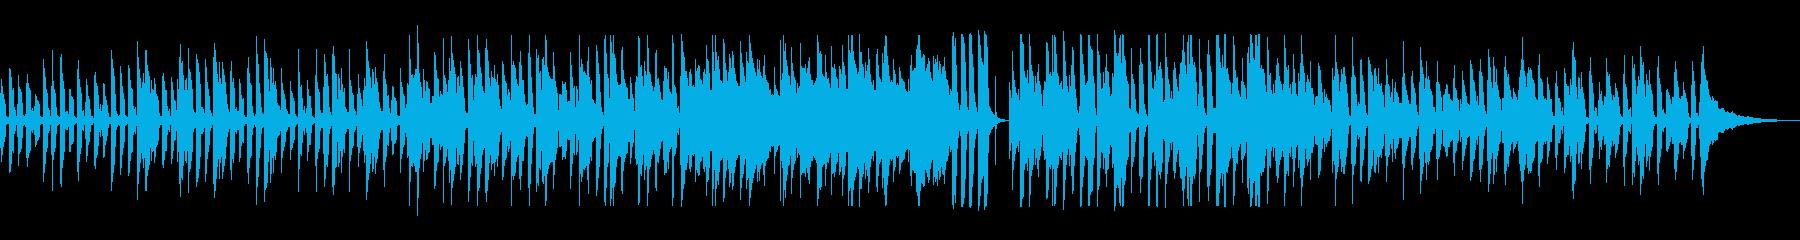 バンジョーと鍵盤ハーモニカのレトロポップの再生済みの波形